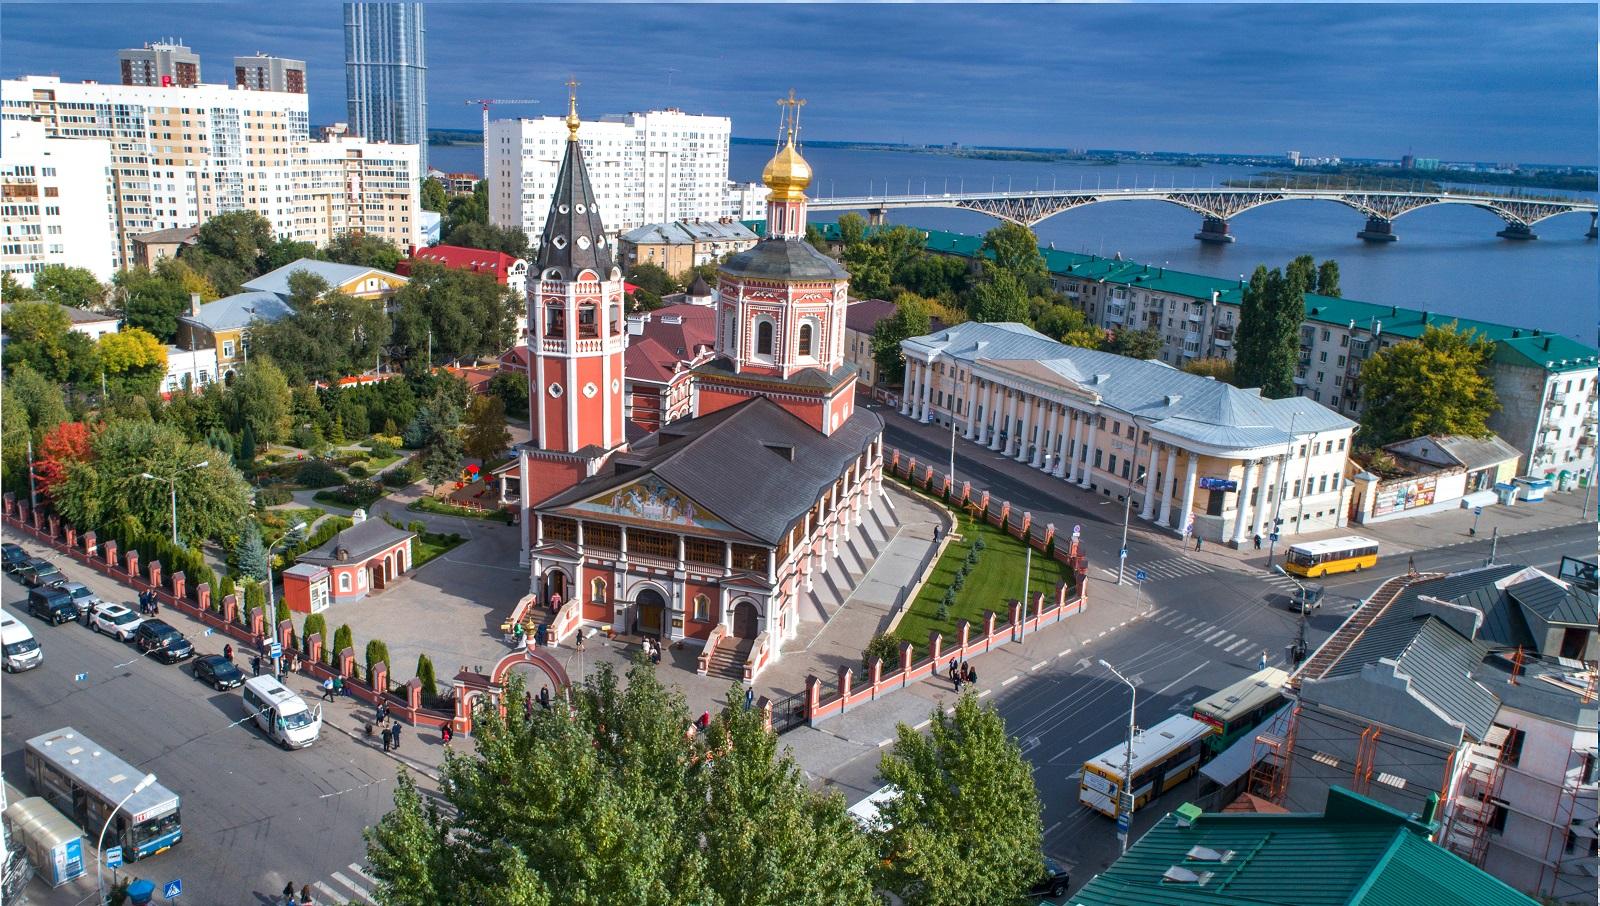 俄罗斯留学生活经验分享 去俄罗斯读书必须知道的十件事插图-小狮座俄罗斯留学